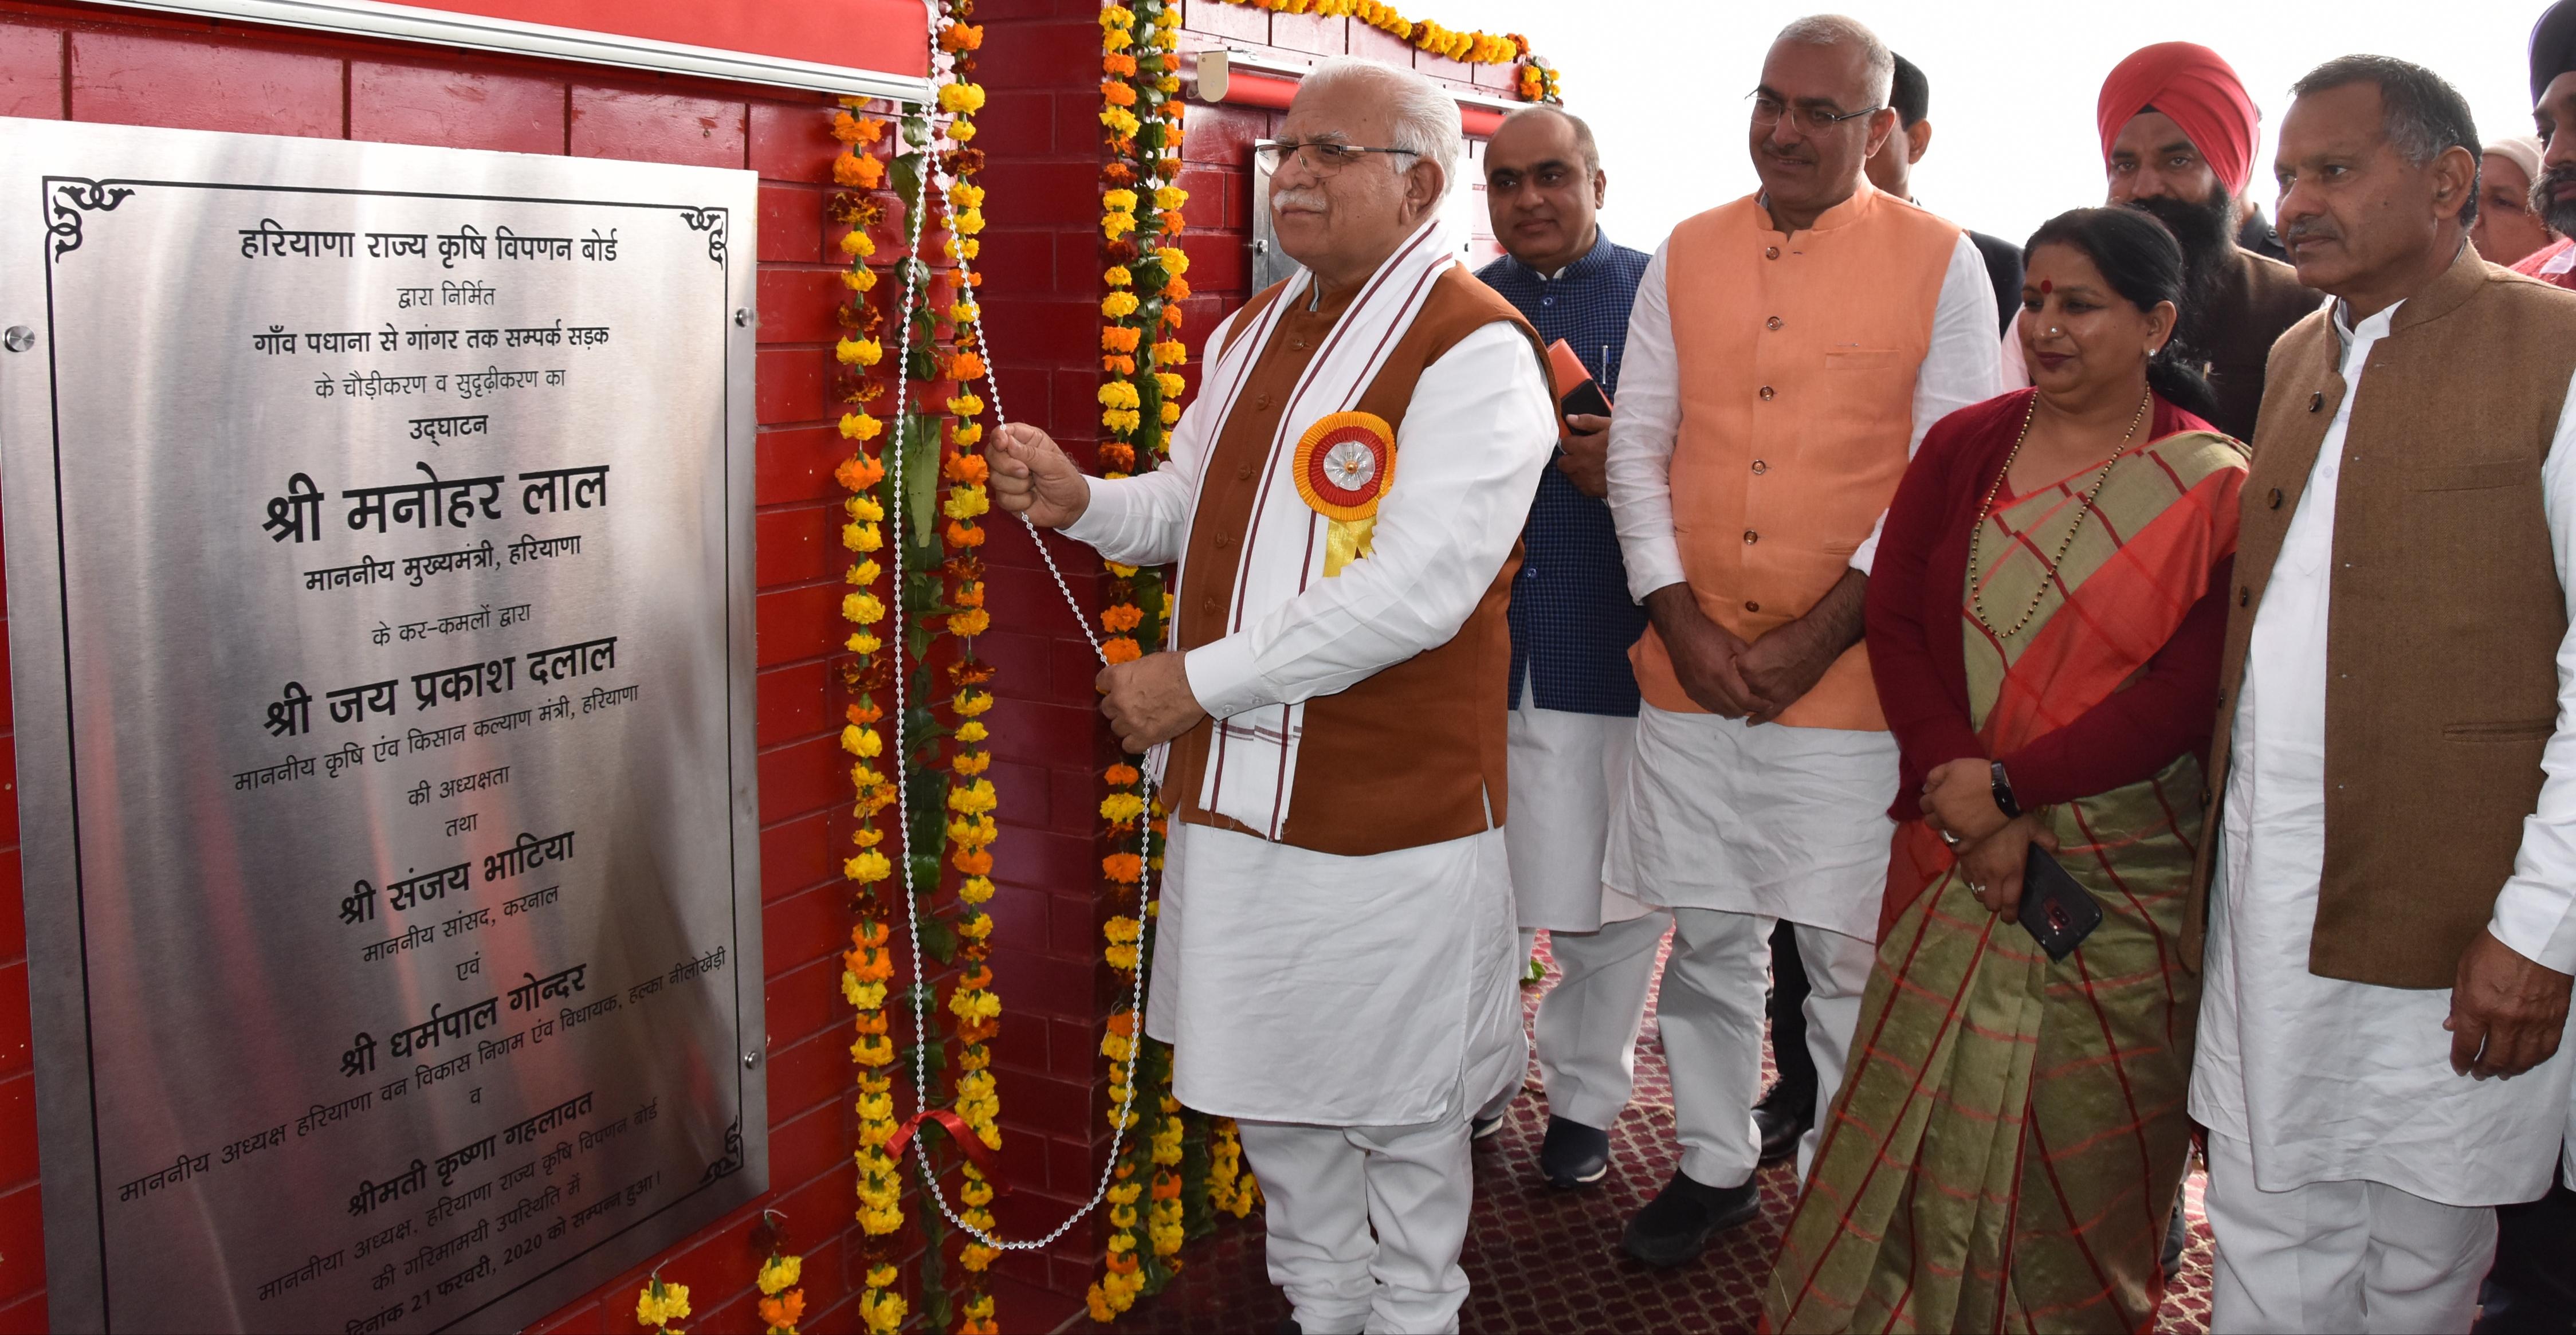 मुख्यमंत्री मनोहर लाल ने जिले में दी 13 करोड़ 26 लाख रूपये की सौगात, 10 तीर्थो का होगा नवीनीकरण व सौंदर्यकरण, पंचायत भवन से किया शिलान्यास